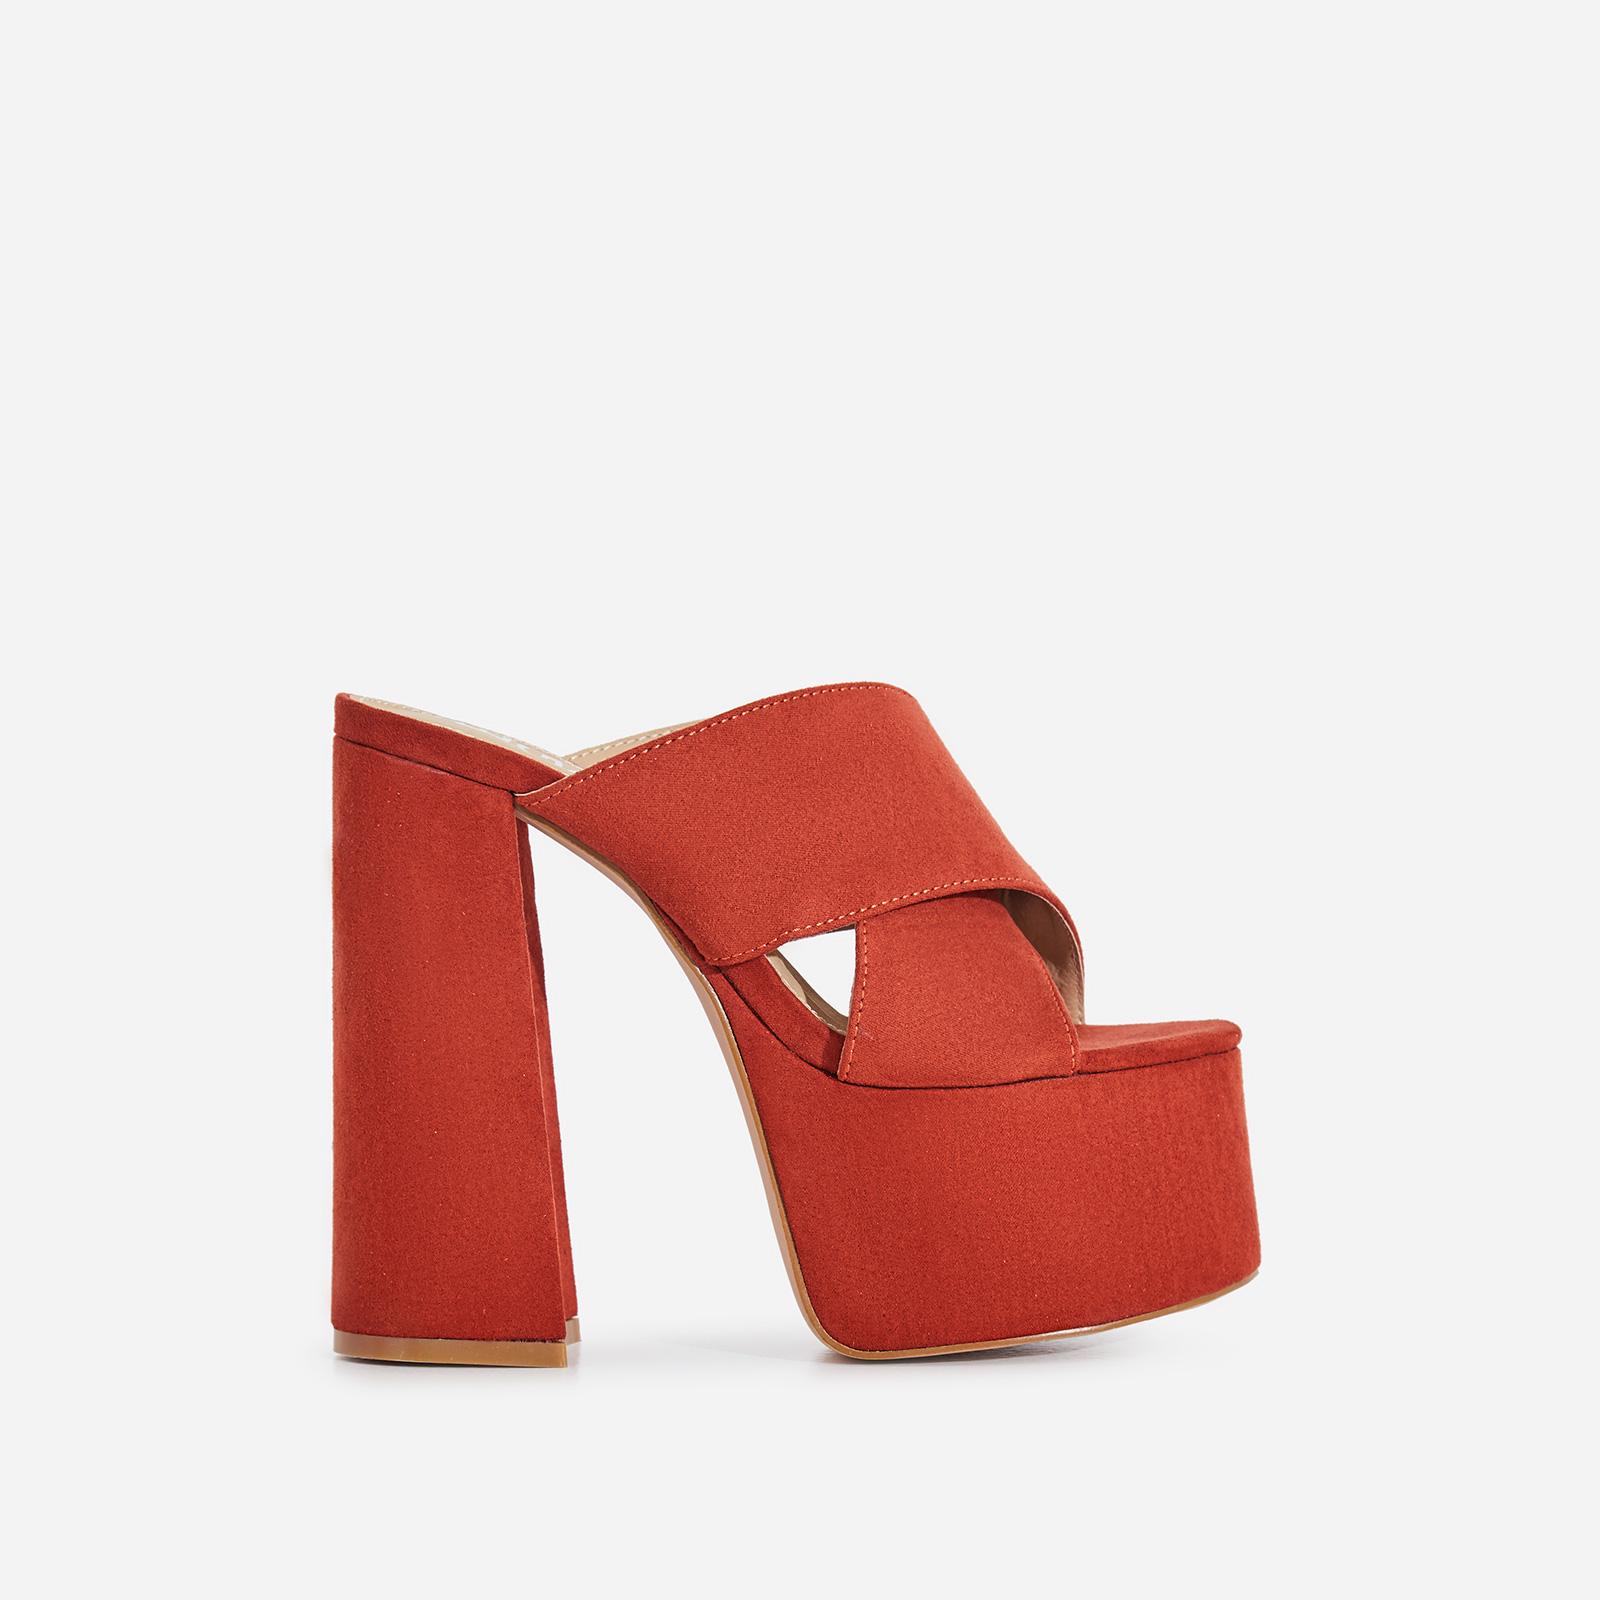 Yaya Platform Peep Toe Mule In Brick Red Faux Suede